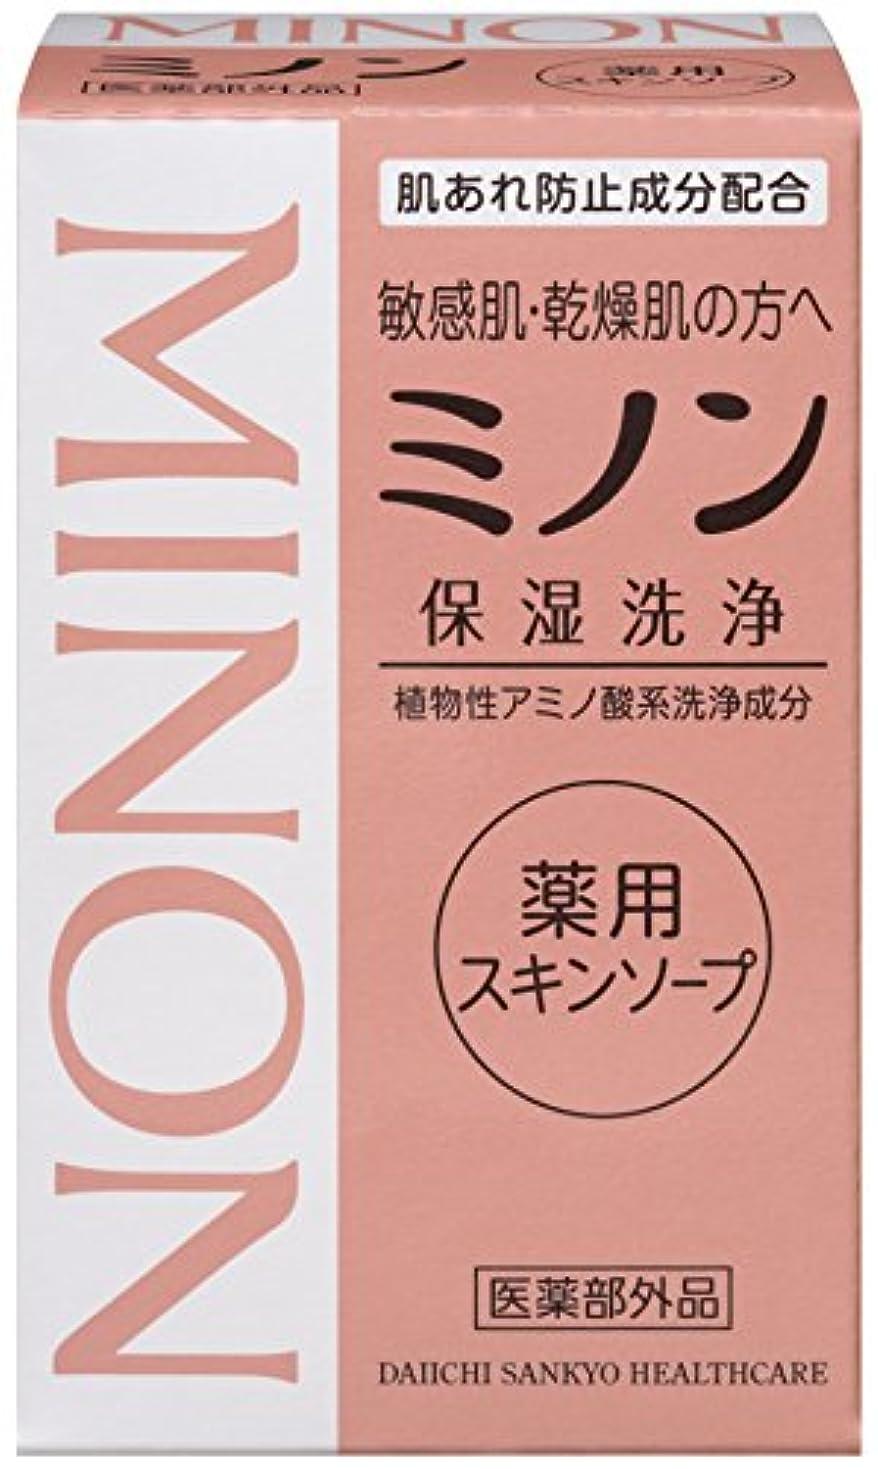 ゼロぼんやりしたレガシーMINON(ミノン) 薬用スキンソープ 80g 【医薬部外品】